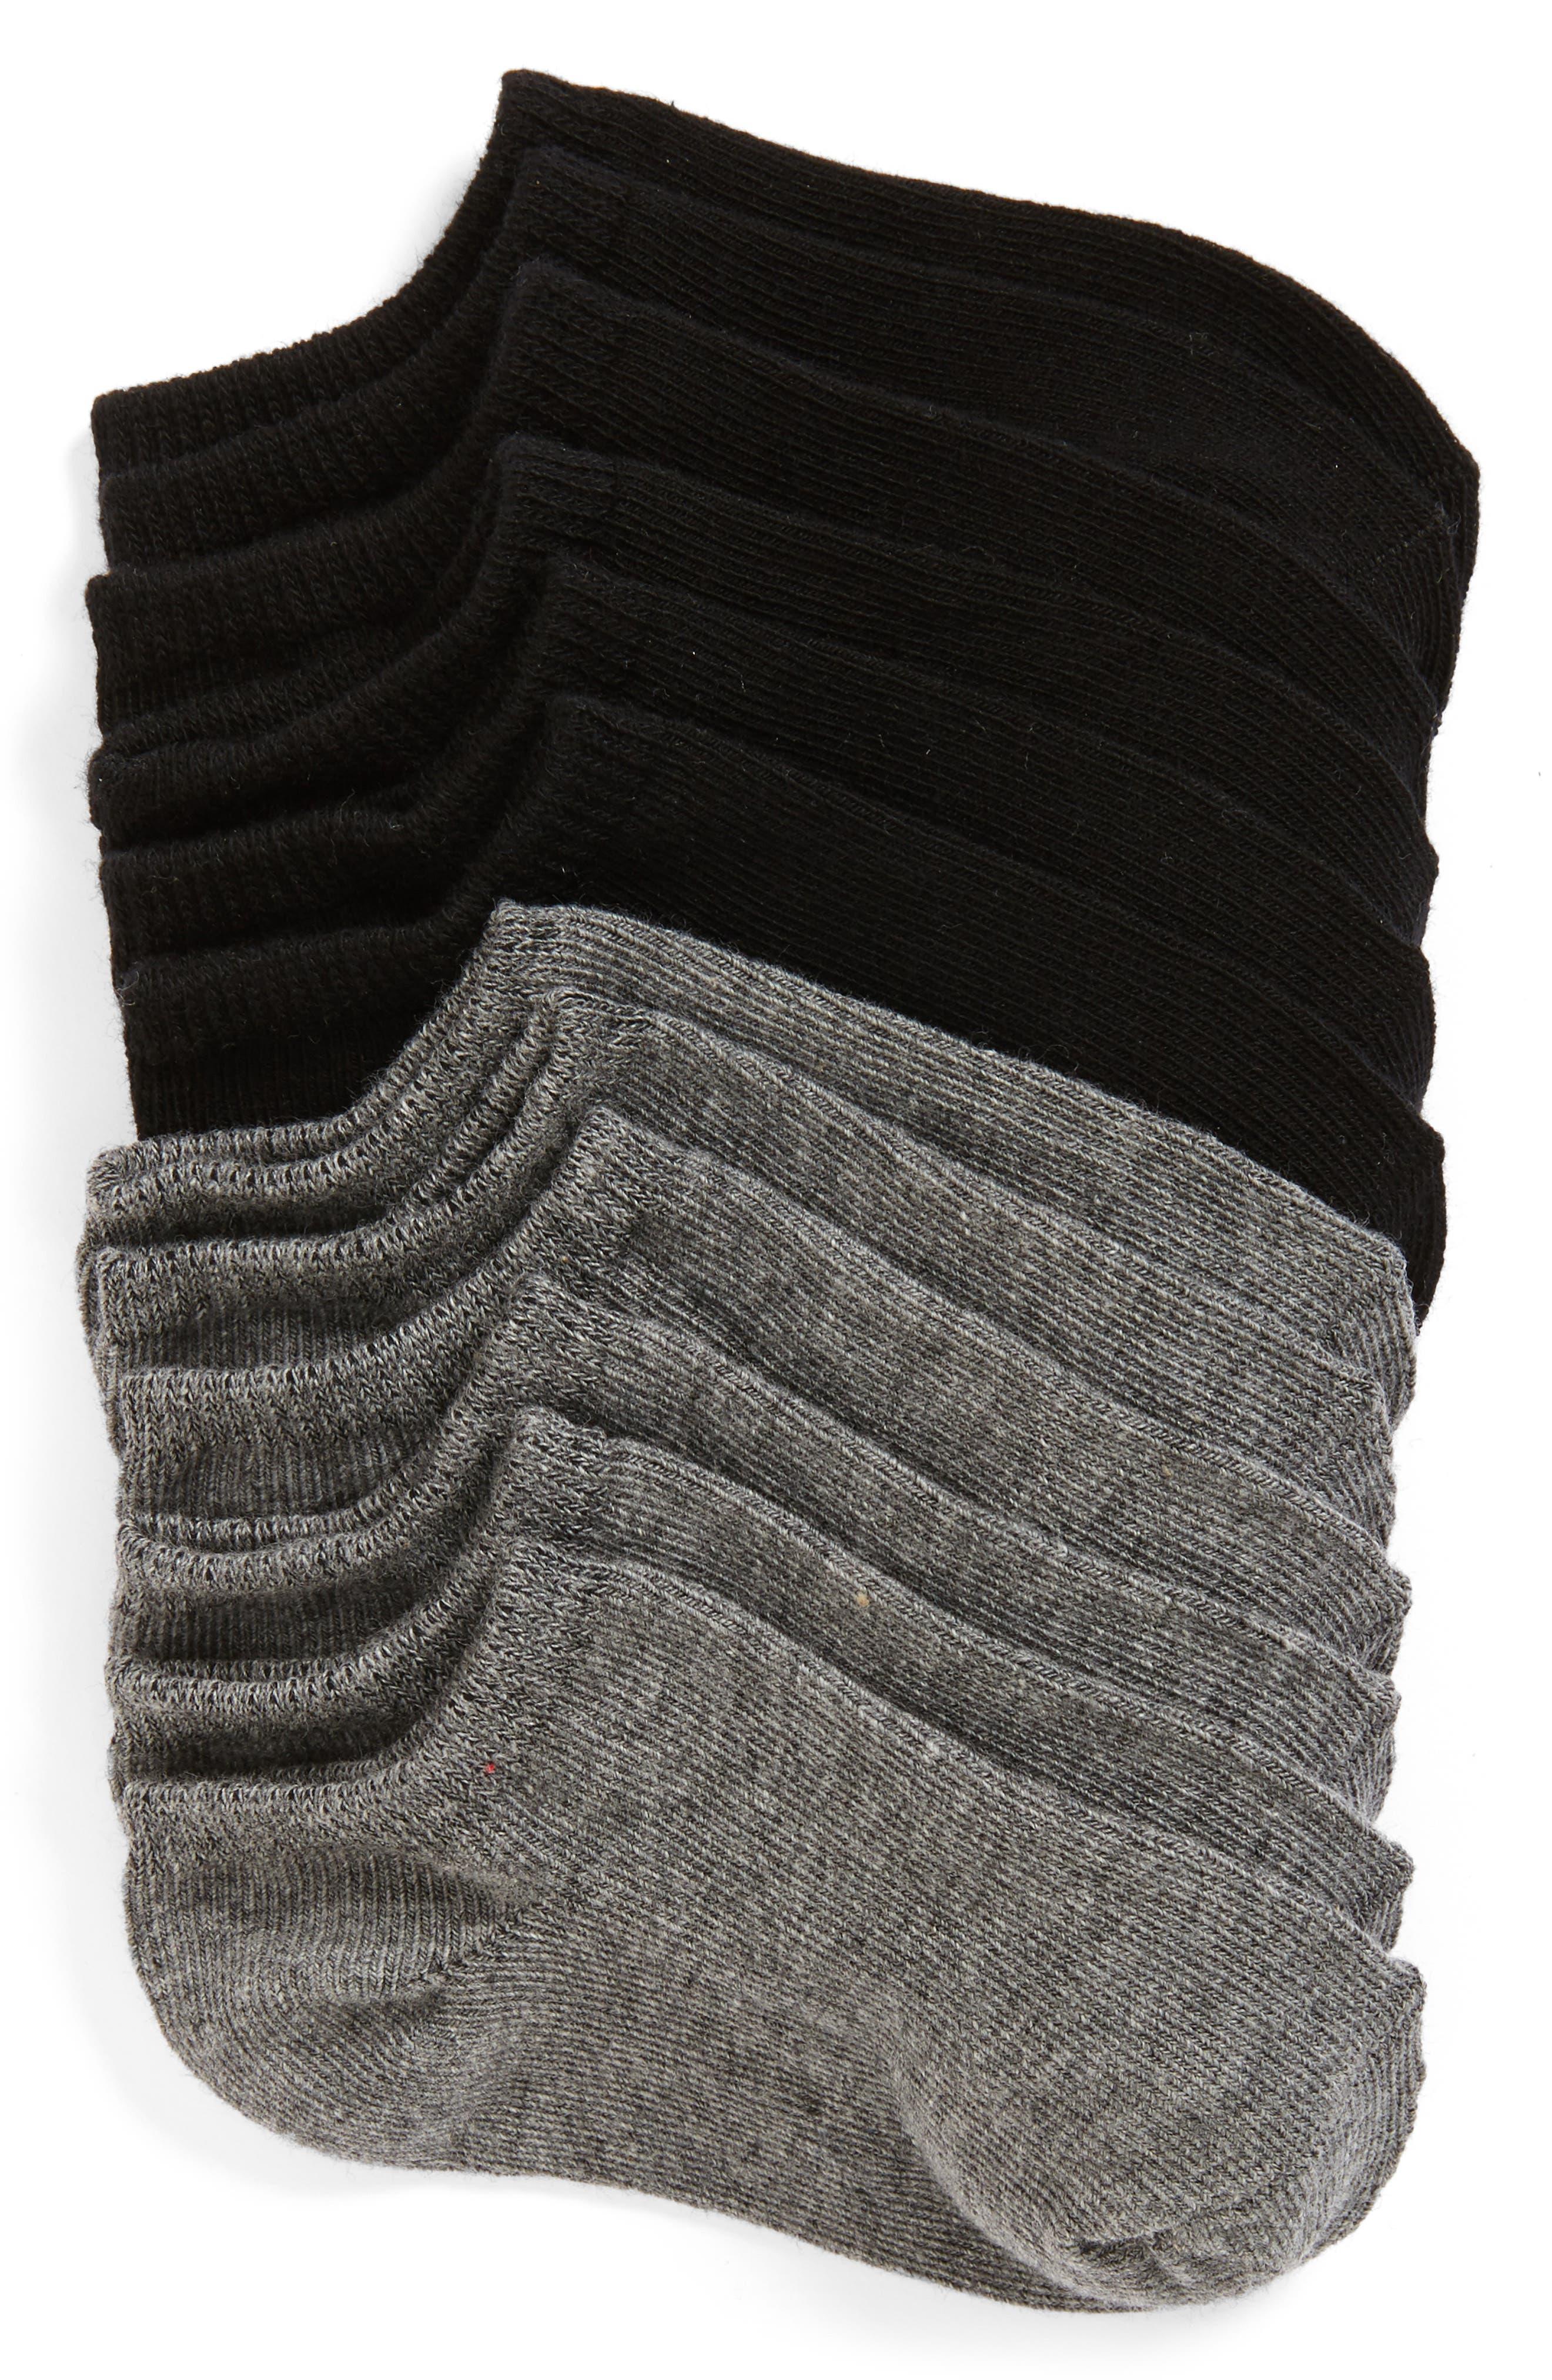 6-Pack Low Cut Socks, Main, color, MULTI